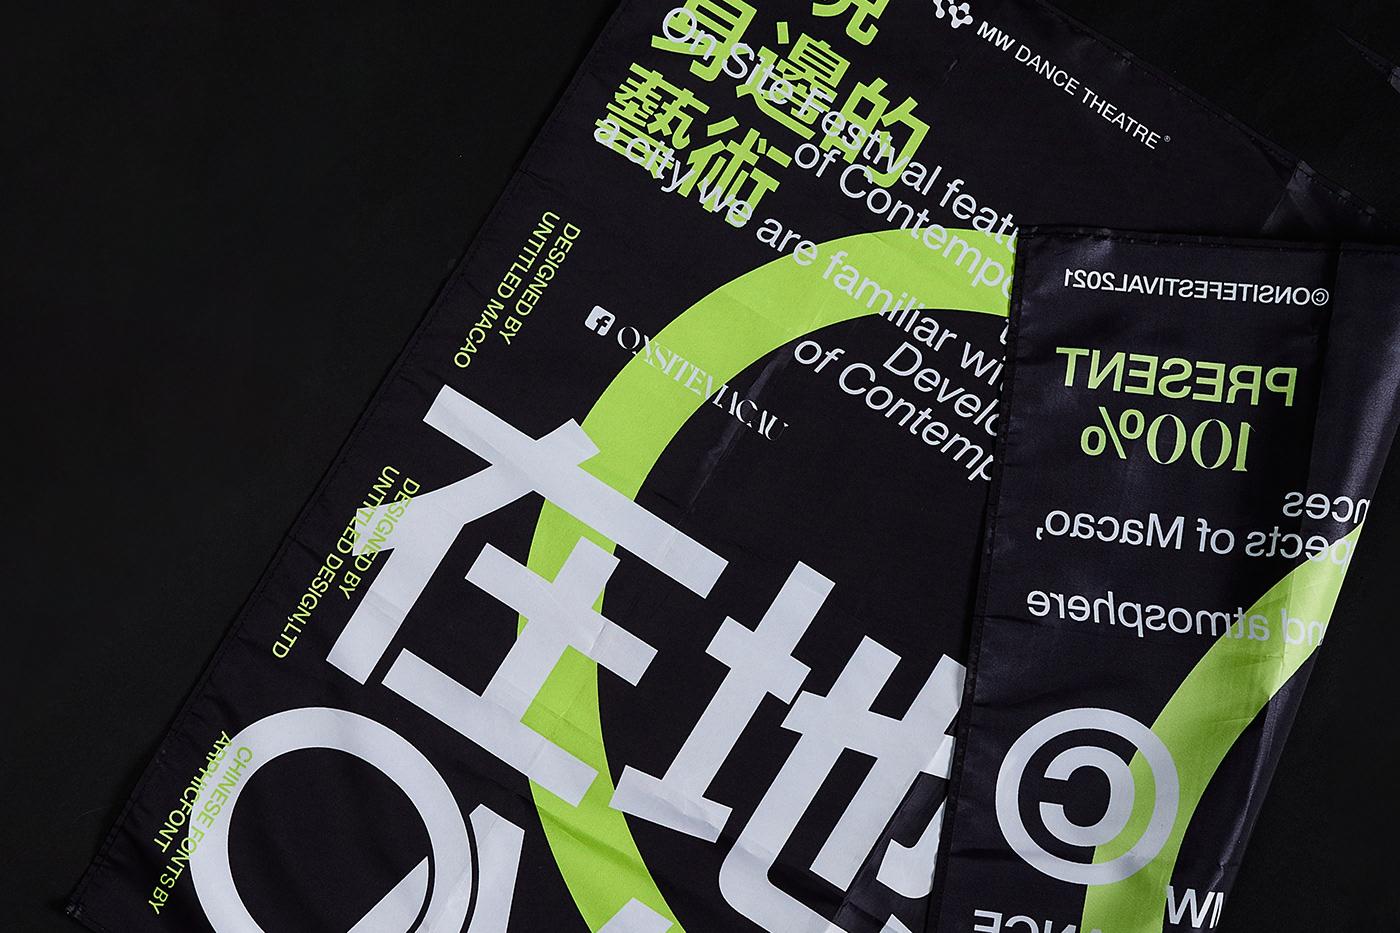 AU CHON HIN brand design festival Logo Design Macao macao design macau poster untitled macao